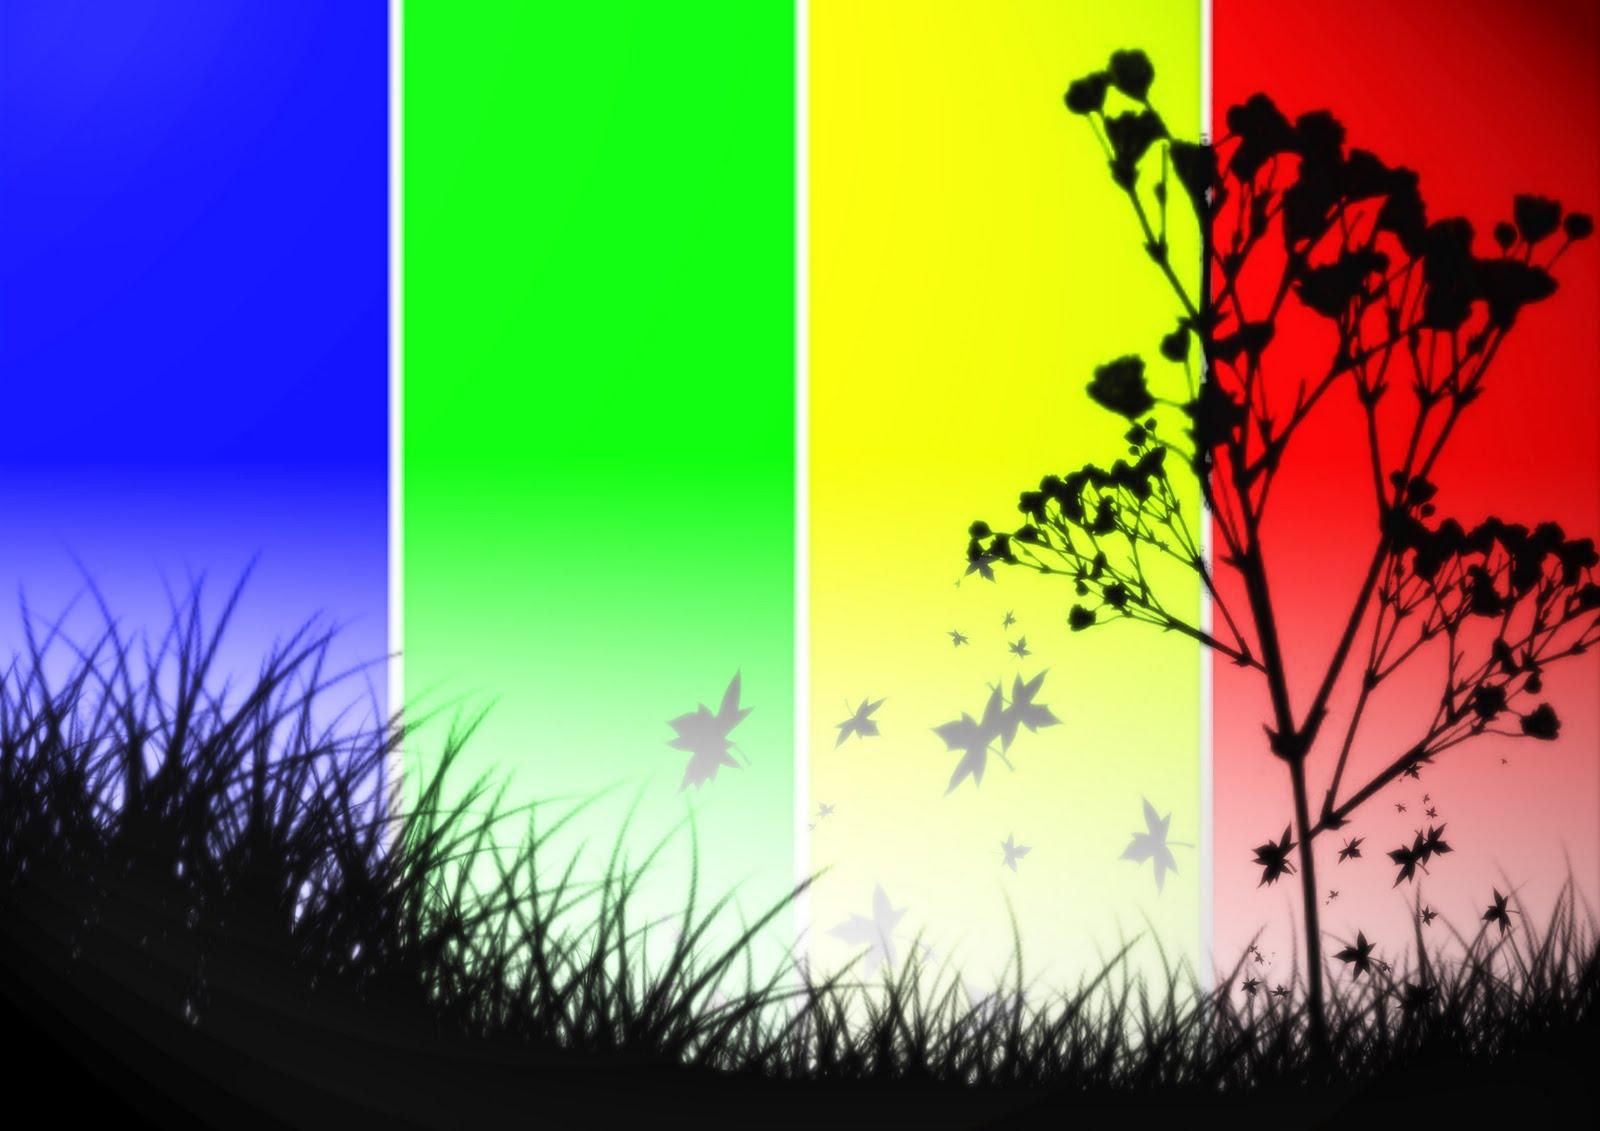 http://3.bp.blogspot.com/-E2-XL4Rhc6E/Thp3KLXEqrI/AAAAAAAAAIg/asW-S1560V0/s1600/siluet+wallpaper.jpg